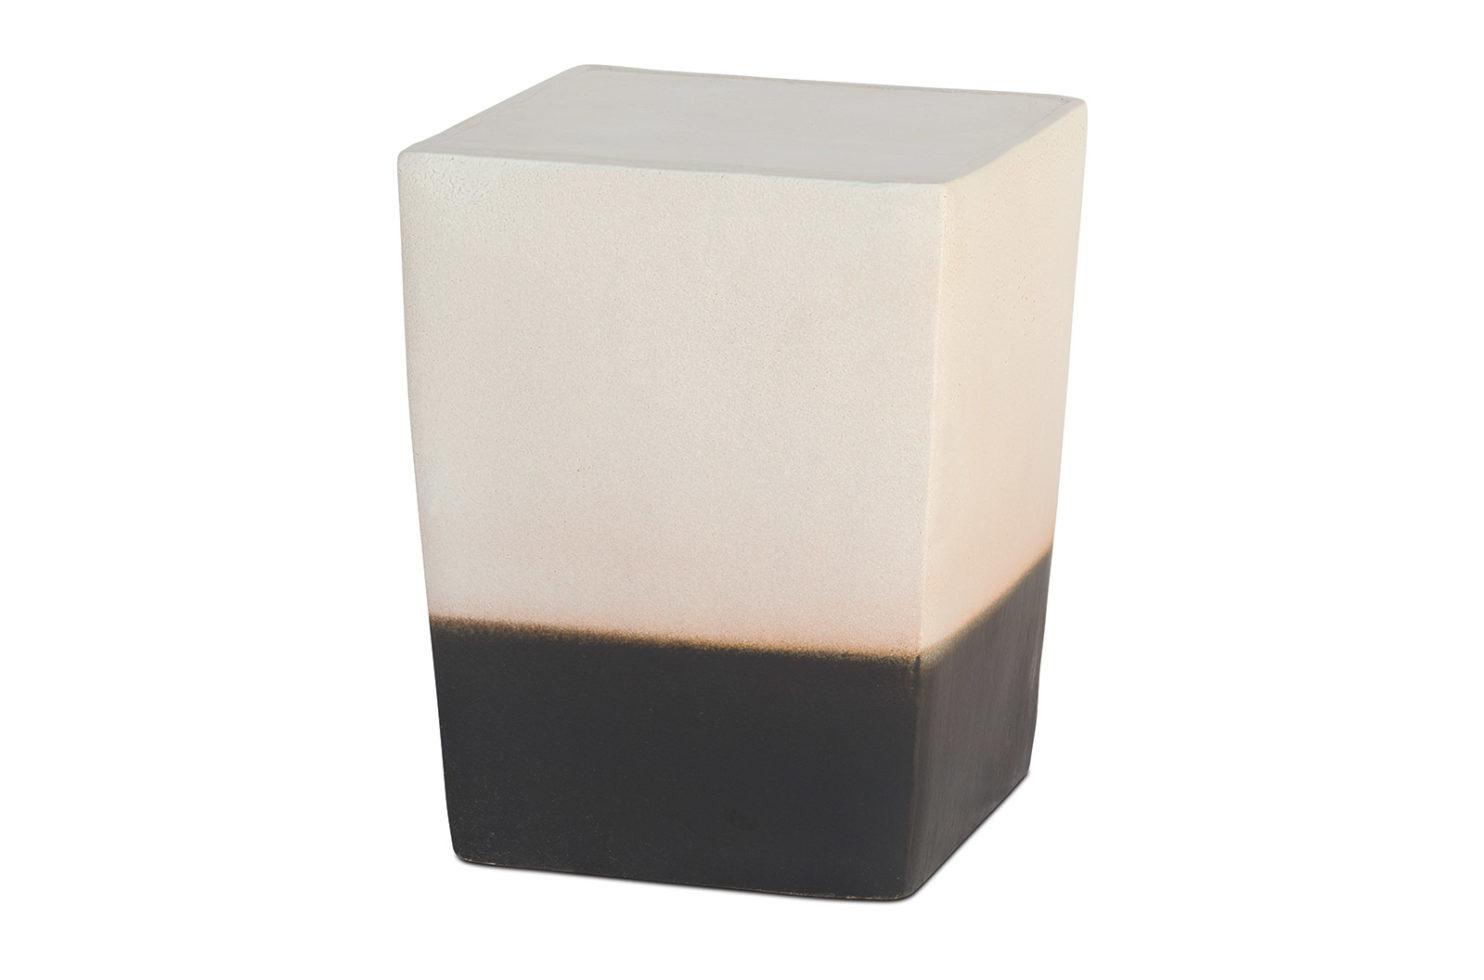 Ceramic Squarecube 308FT228P2PLB